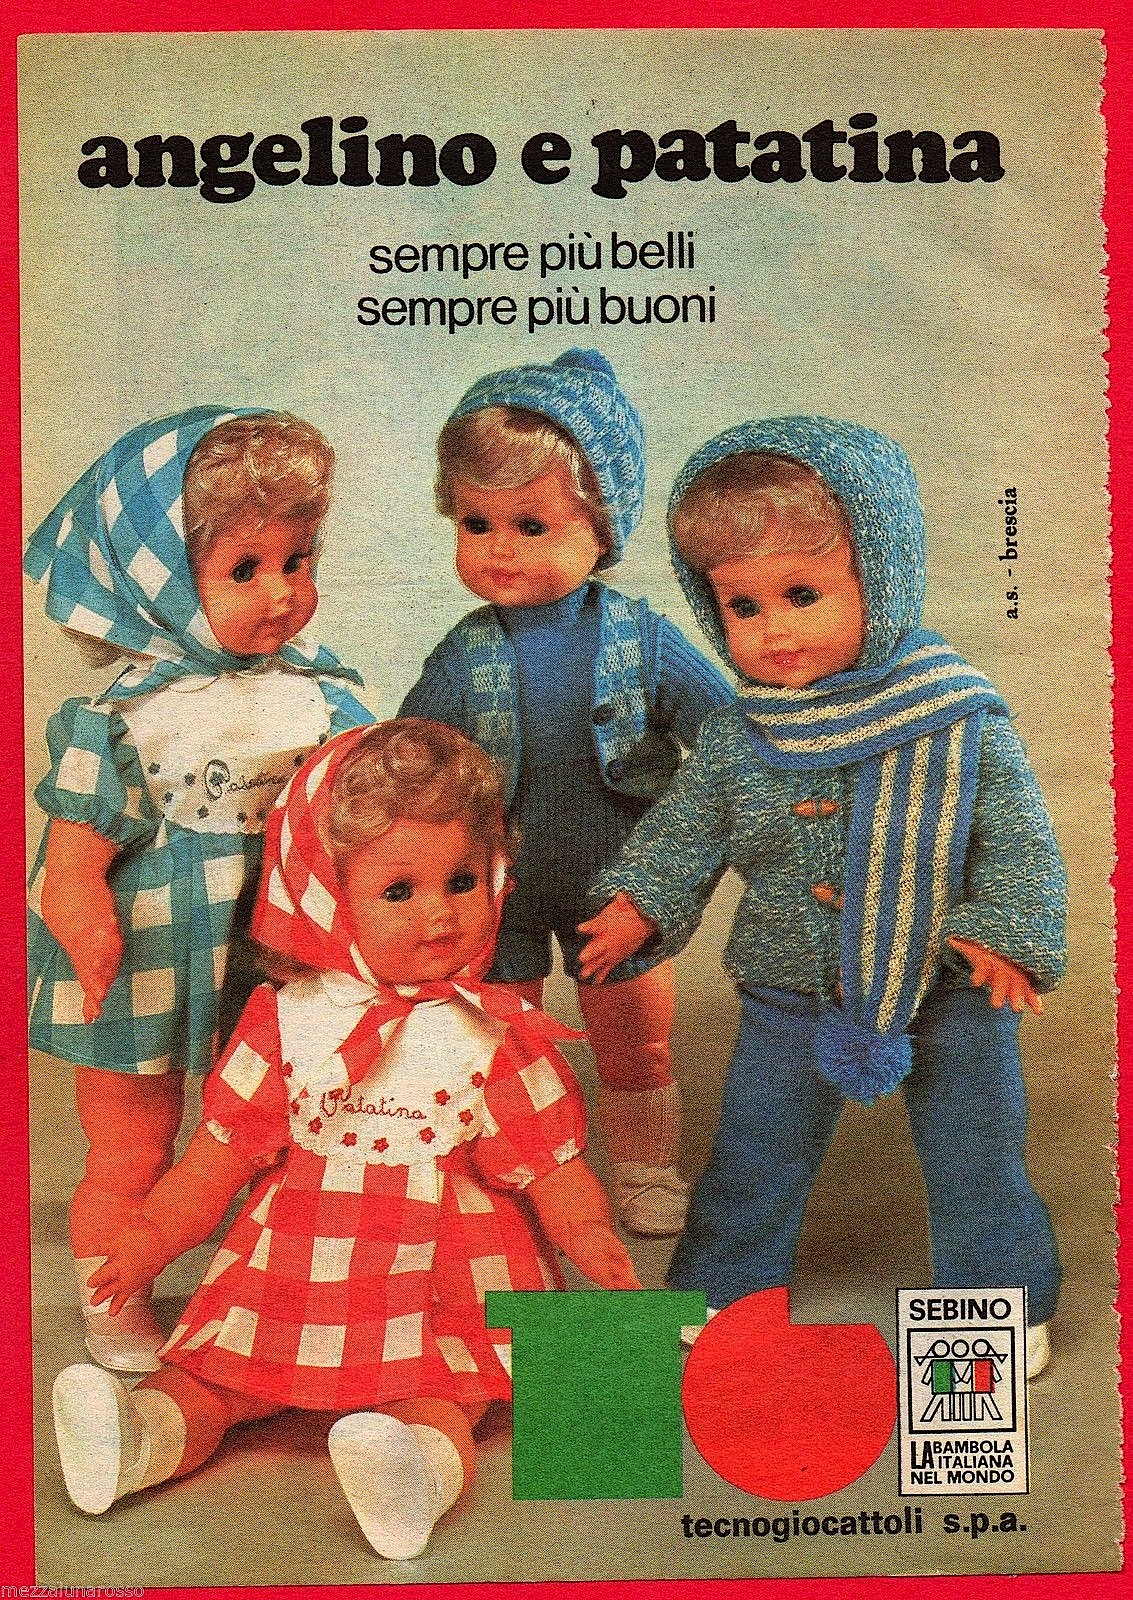 angelino_e_patatina_sebino_anni_70_pubblicita